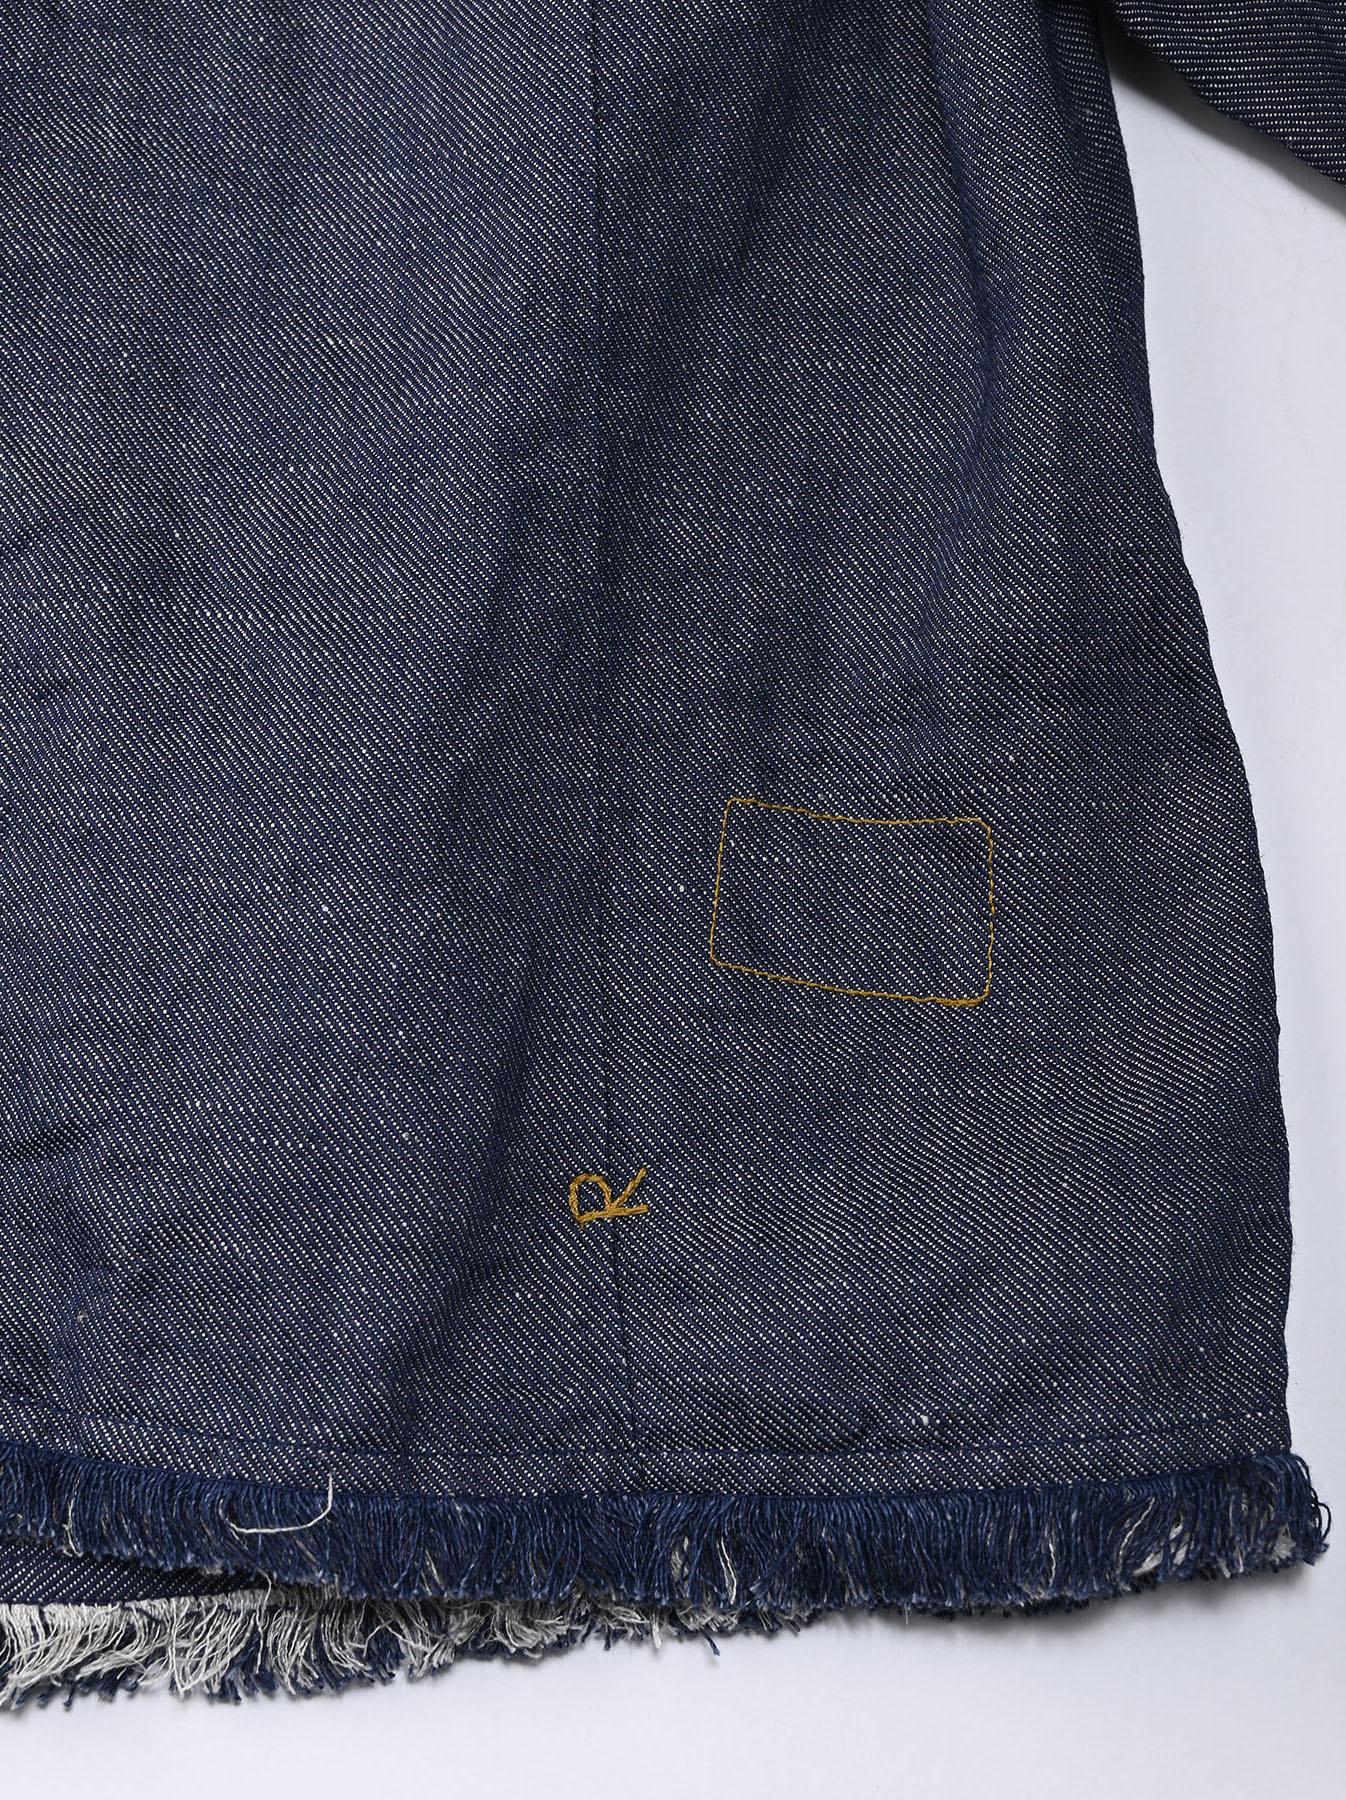 Indigo Cotton Linen Zakkuri Denim Blouse (0521)-12